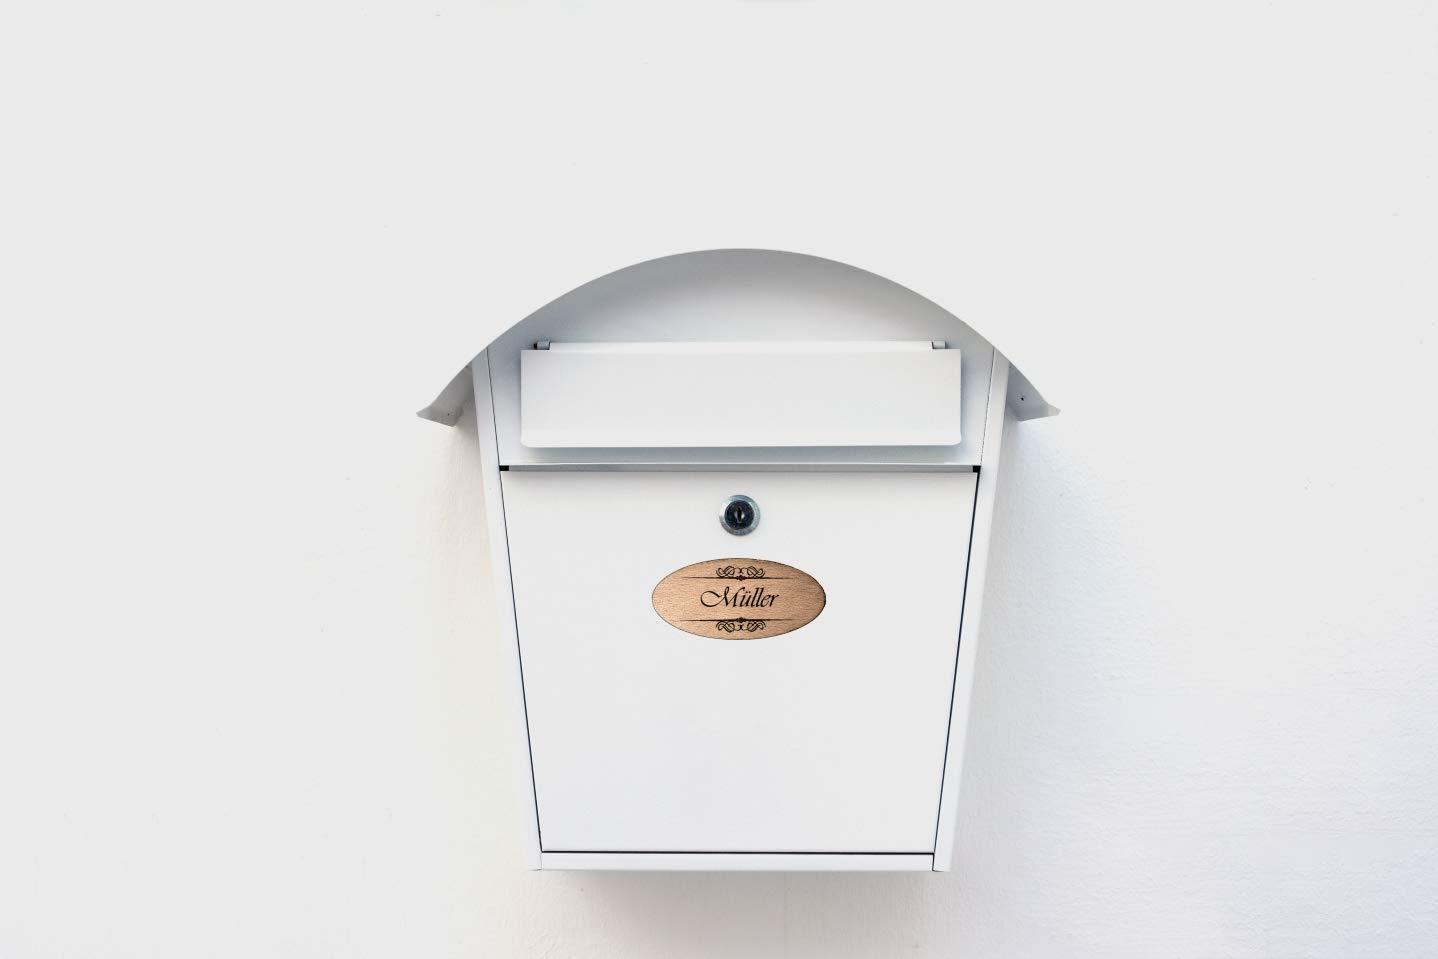 M/üller PISDEZ Namensschild Wohnungsschild T/ürschild Briefkastenschild Klingelschild Familienschild Einweihungsgeschenk Wohnung Holz personalisiert Lasergravur Gravur Geschenkidee 9cm x 4cm